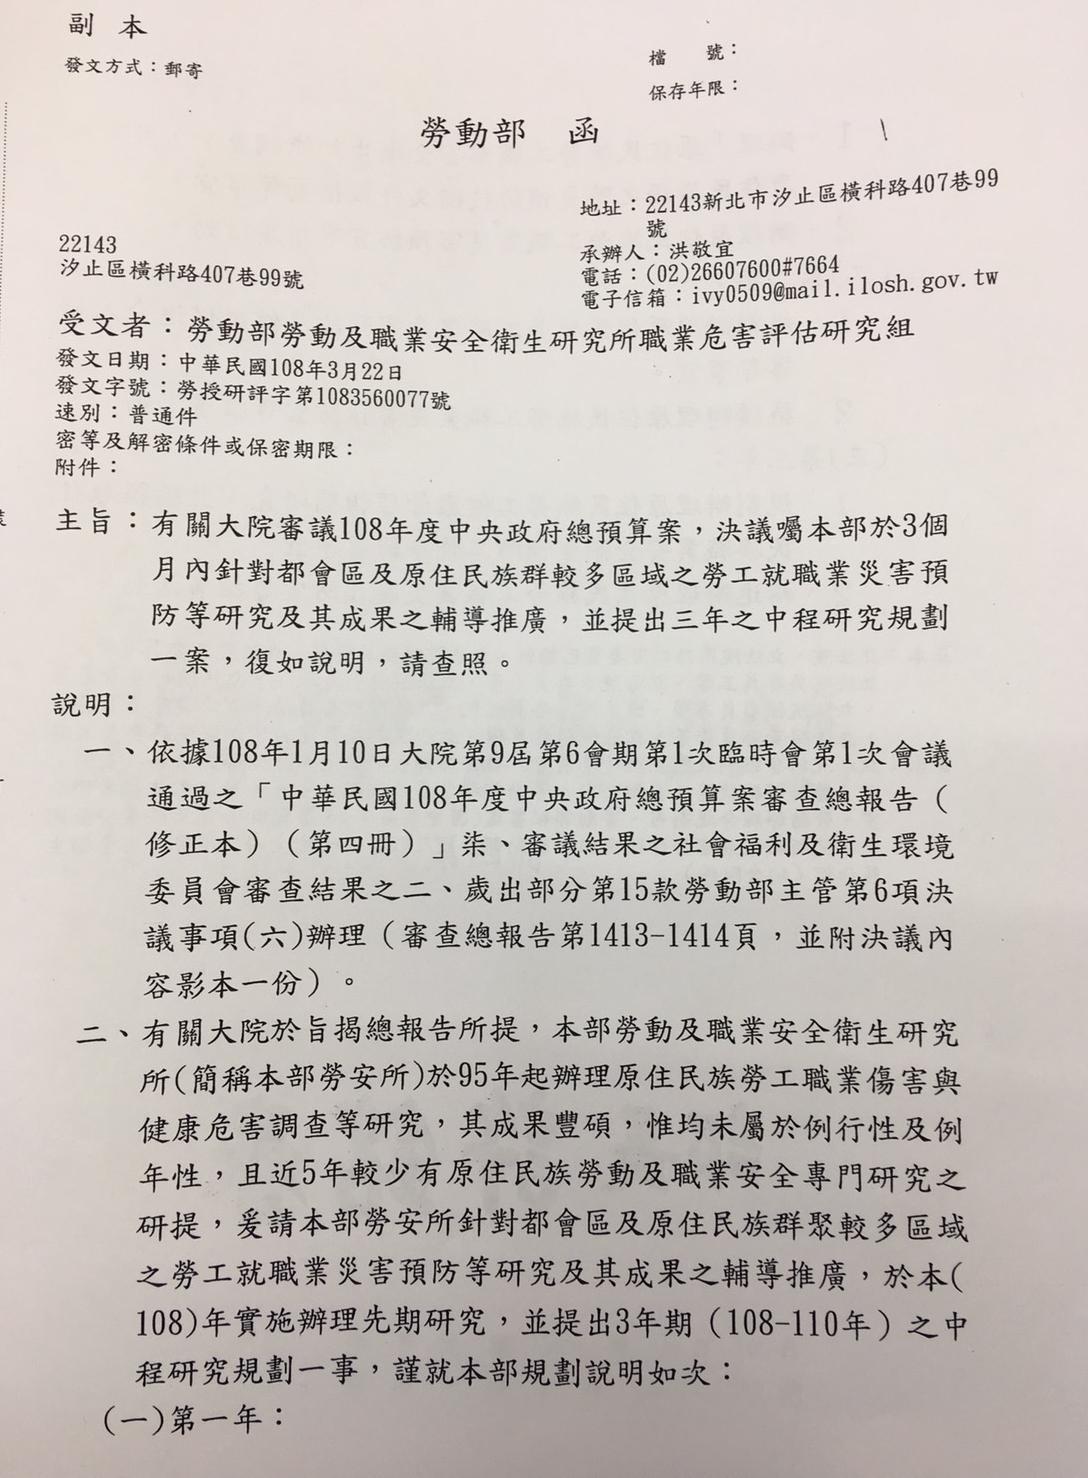 勞動部3月22日針對預算主決議回函,就提及今年會辦理高潞助理得標的採購案。(翻攝畫面)